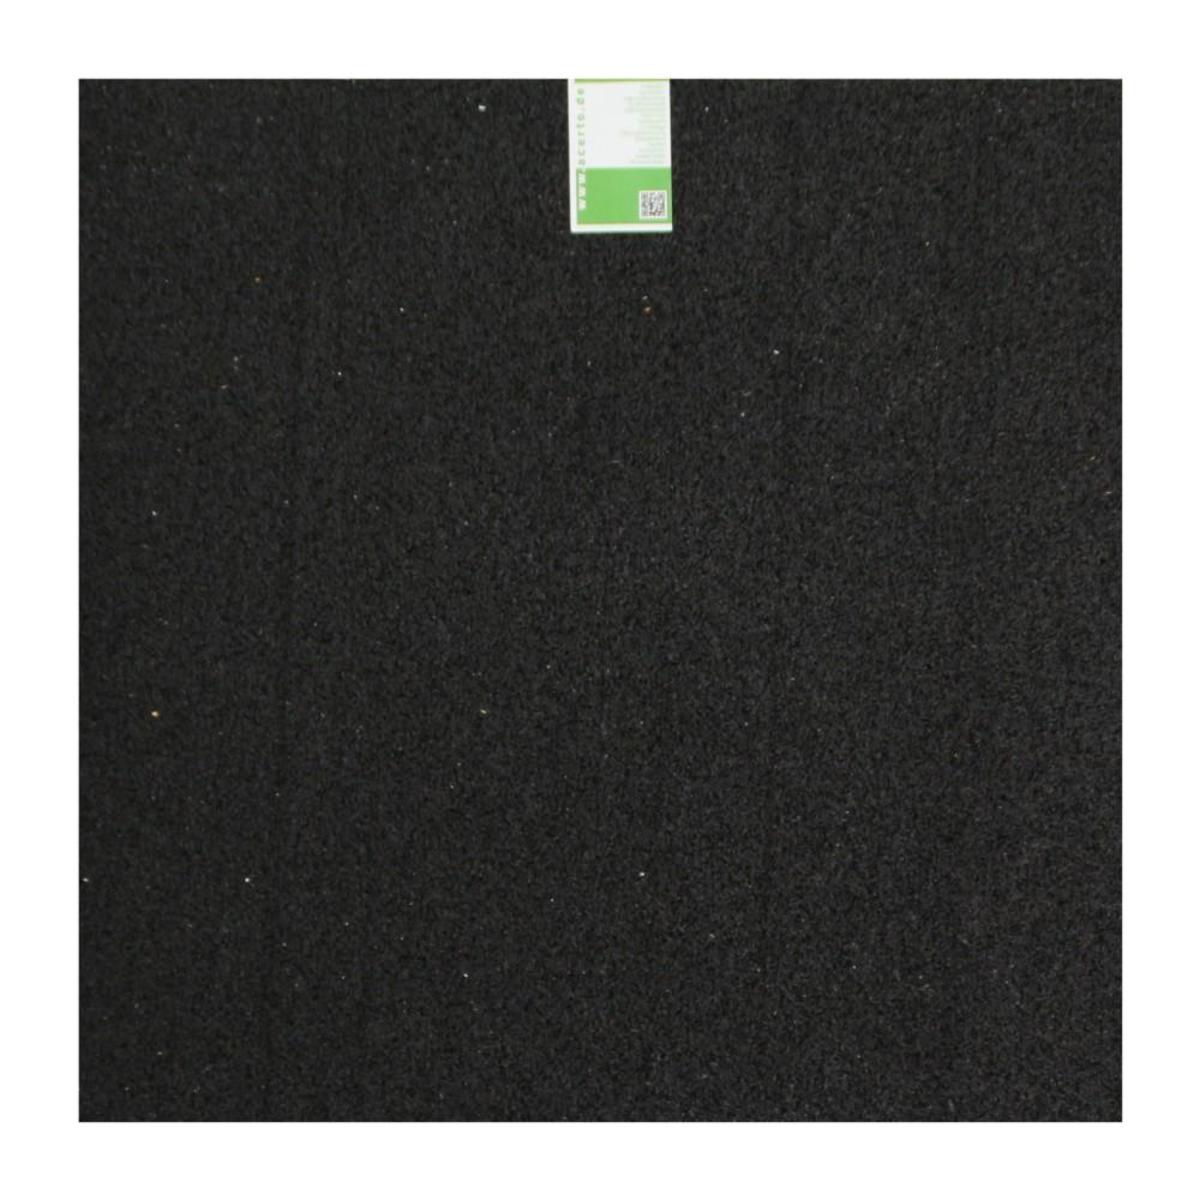 Bild 1 von acerto® Waschmaschinenmatte aus Gummigranulaten - 60 x 60 x 0,6cm